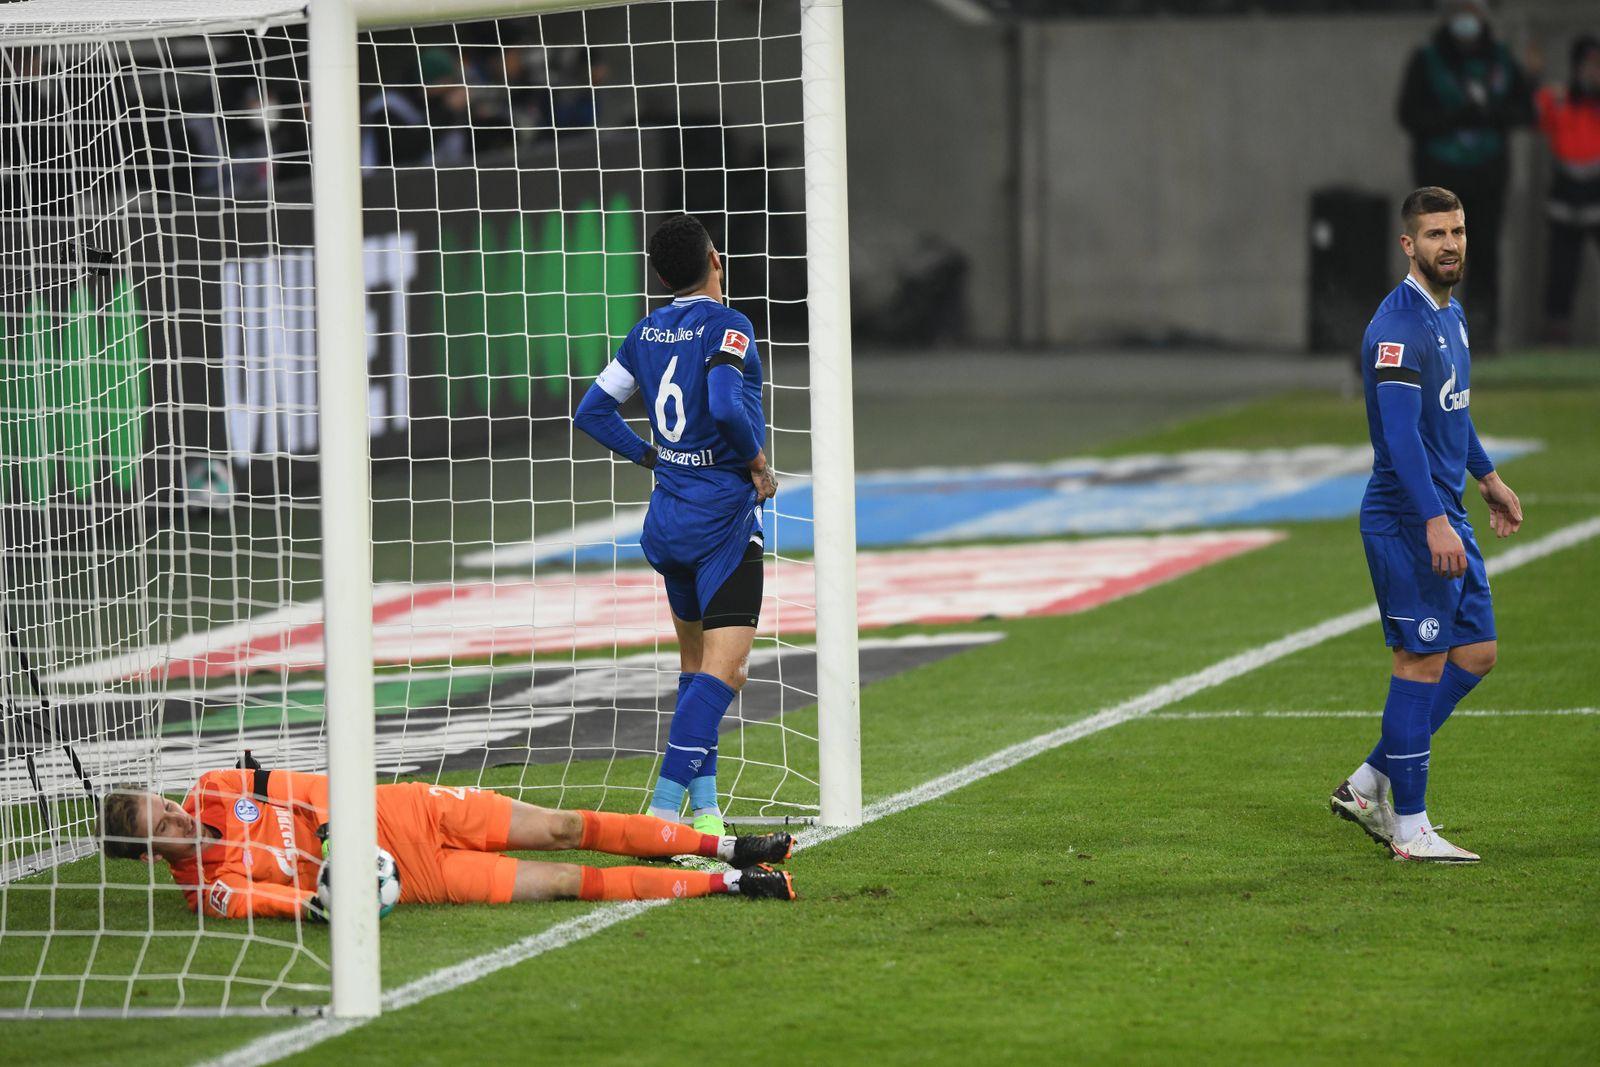 Sport Themen der Woche KW48 Borussia Mönchengladbach - FC Schalke 04 28.11.2020. Schalke nach dem ersten Gegentreffer. V